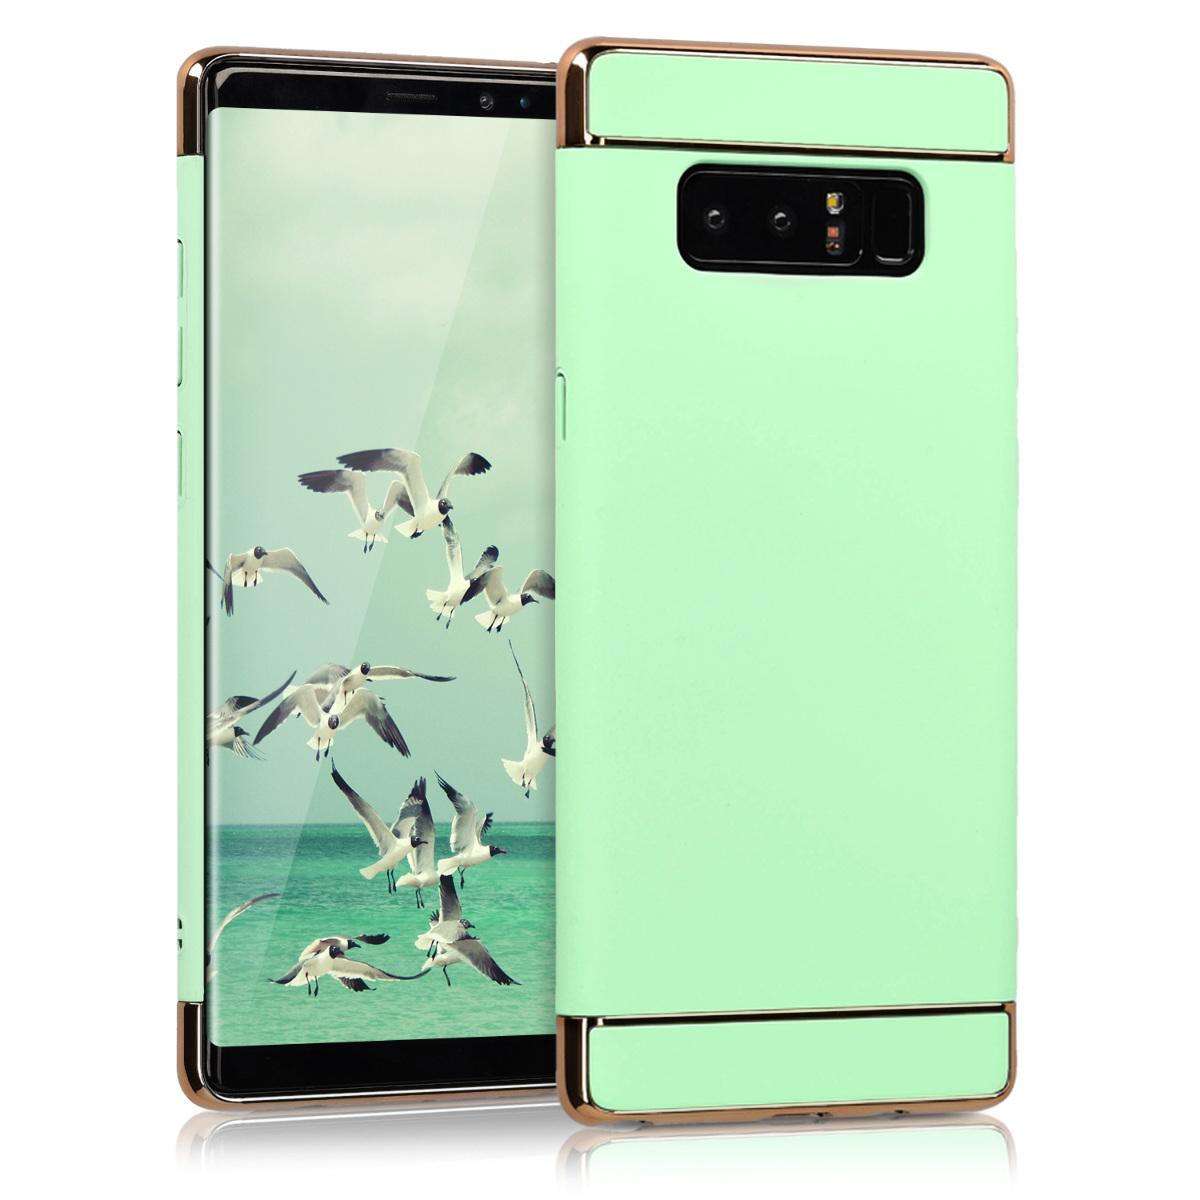 Kvalitní plastové pouzdro pro Samsung Note 8 DUOS - mint zelené / Gold